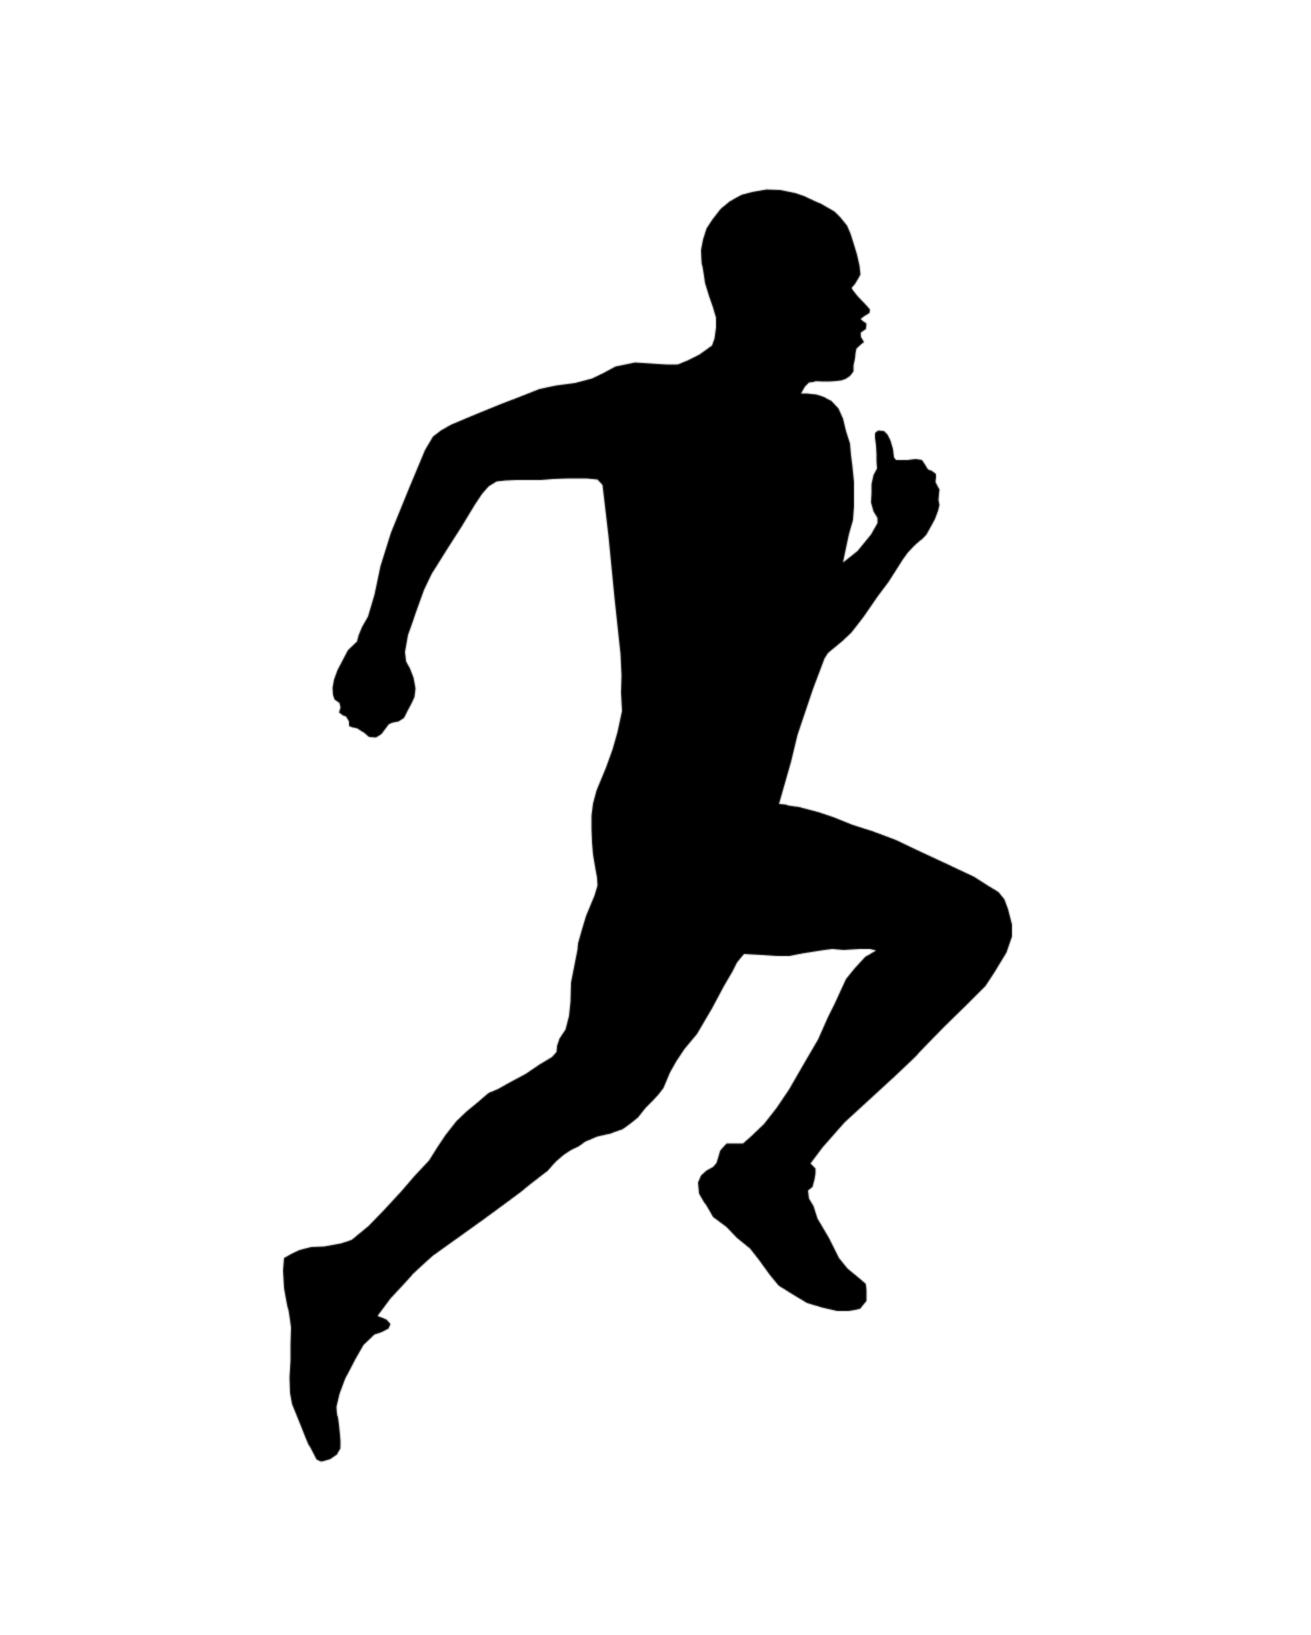 Shaow clipart runner Runner Clip on jpg Art